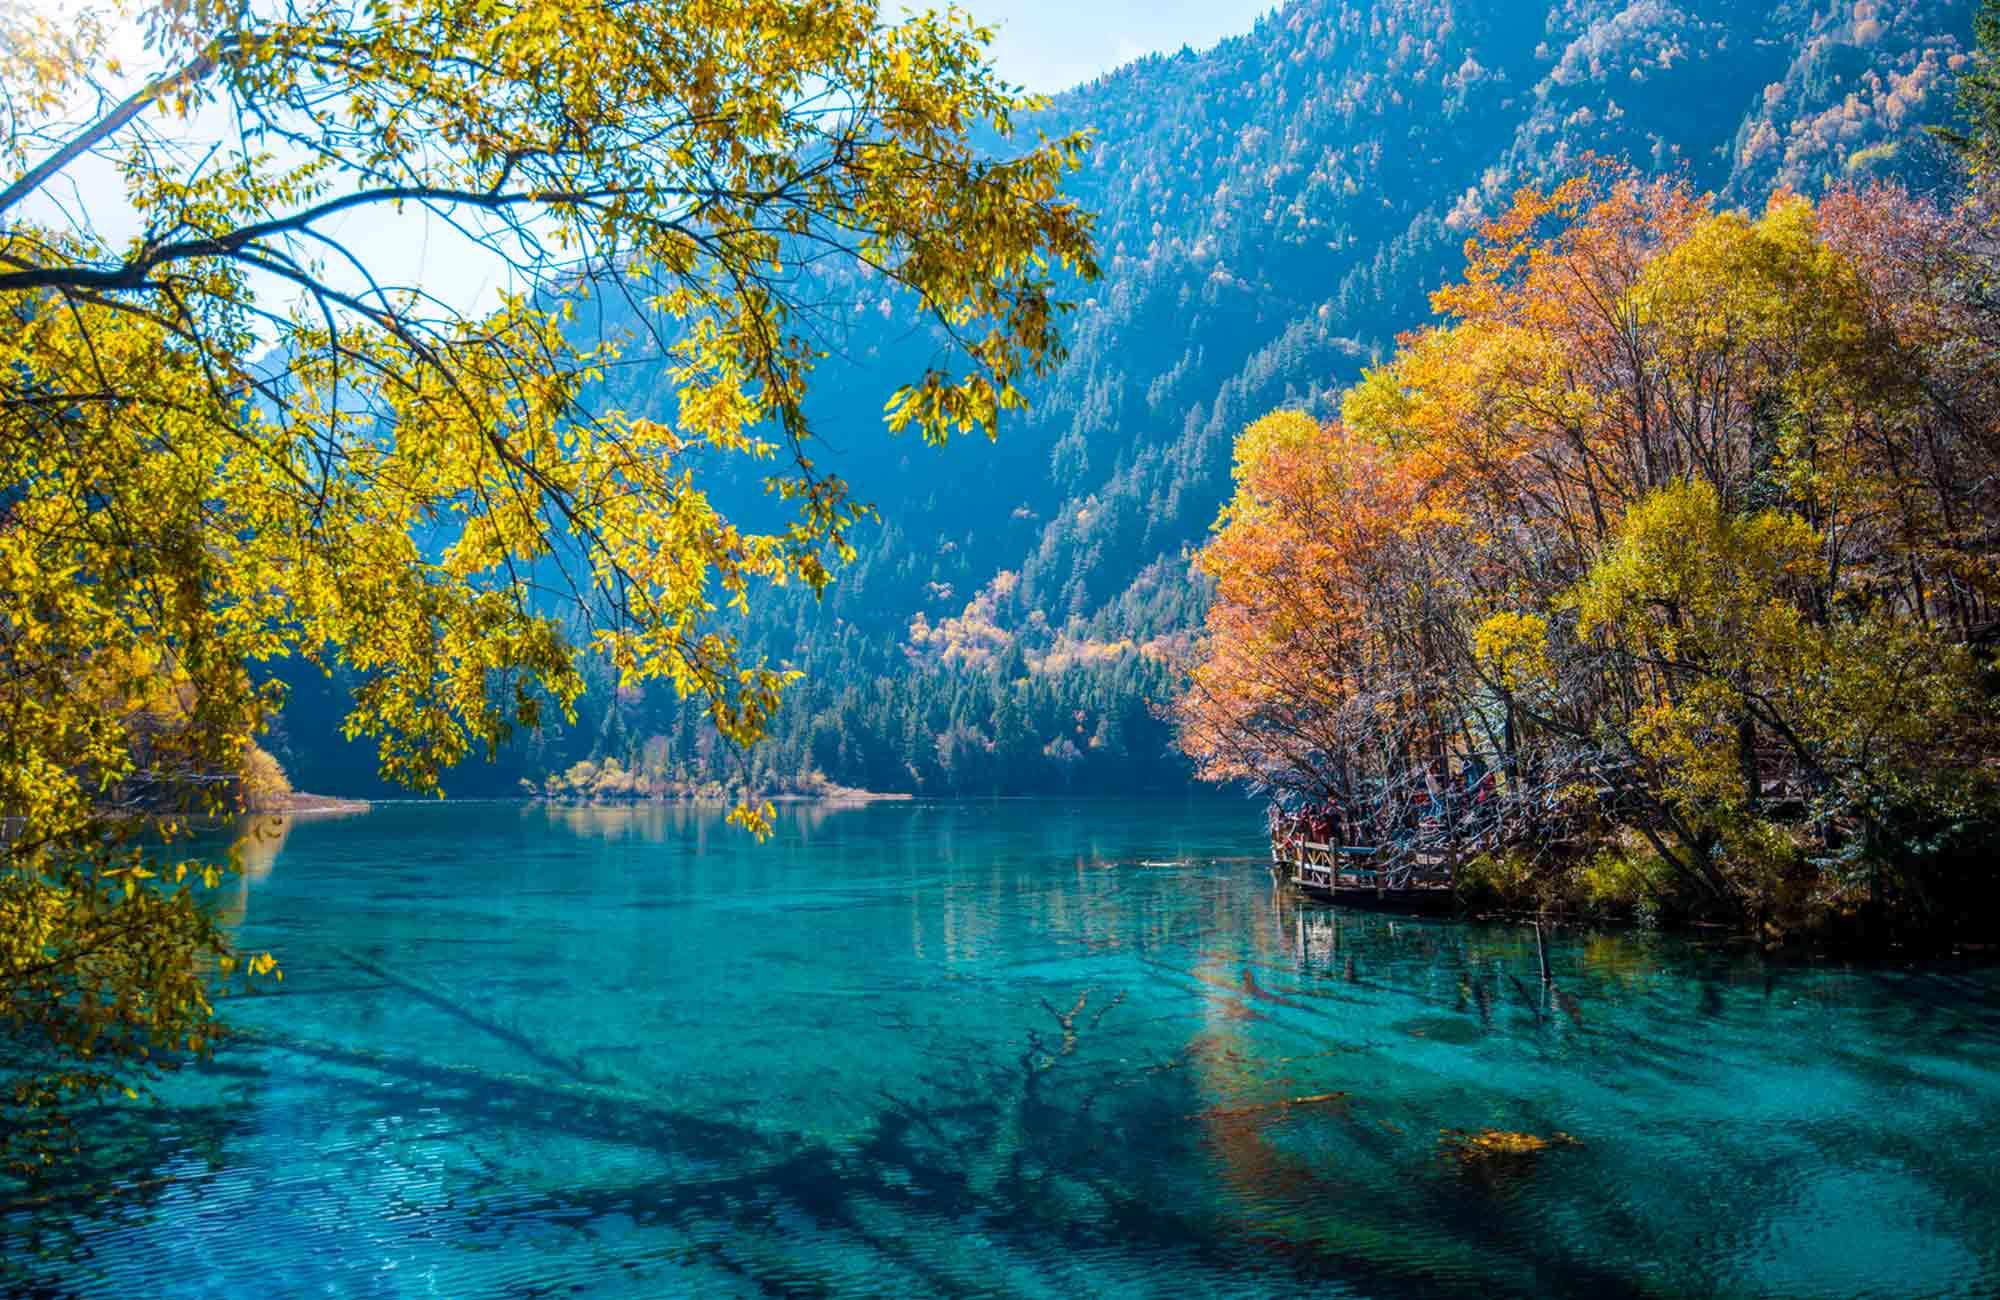 Voyage Chine - Lac 5 Fleurs - Amplitudes